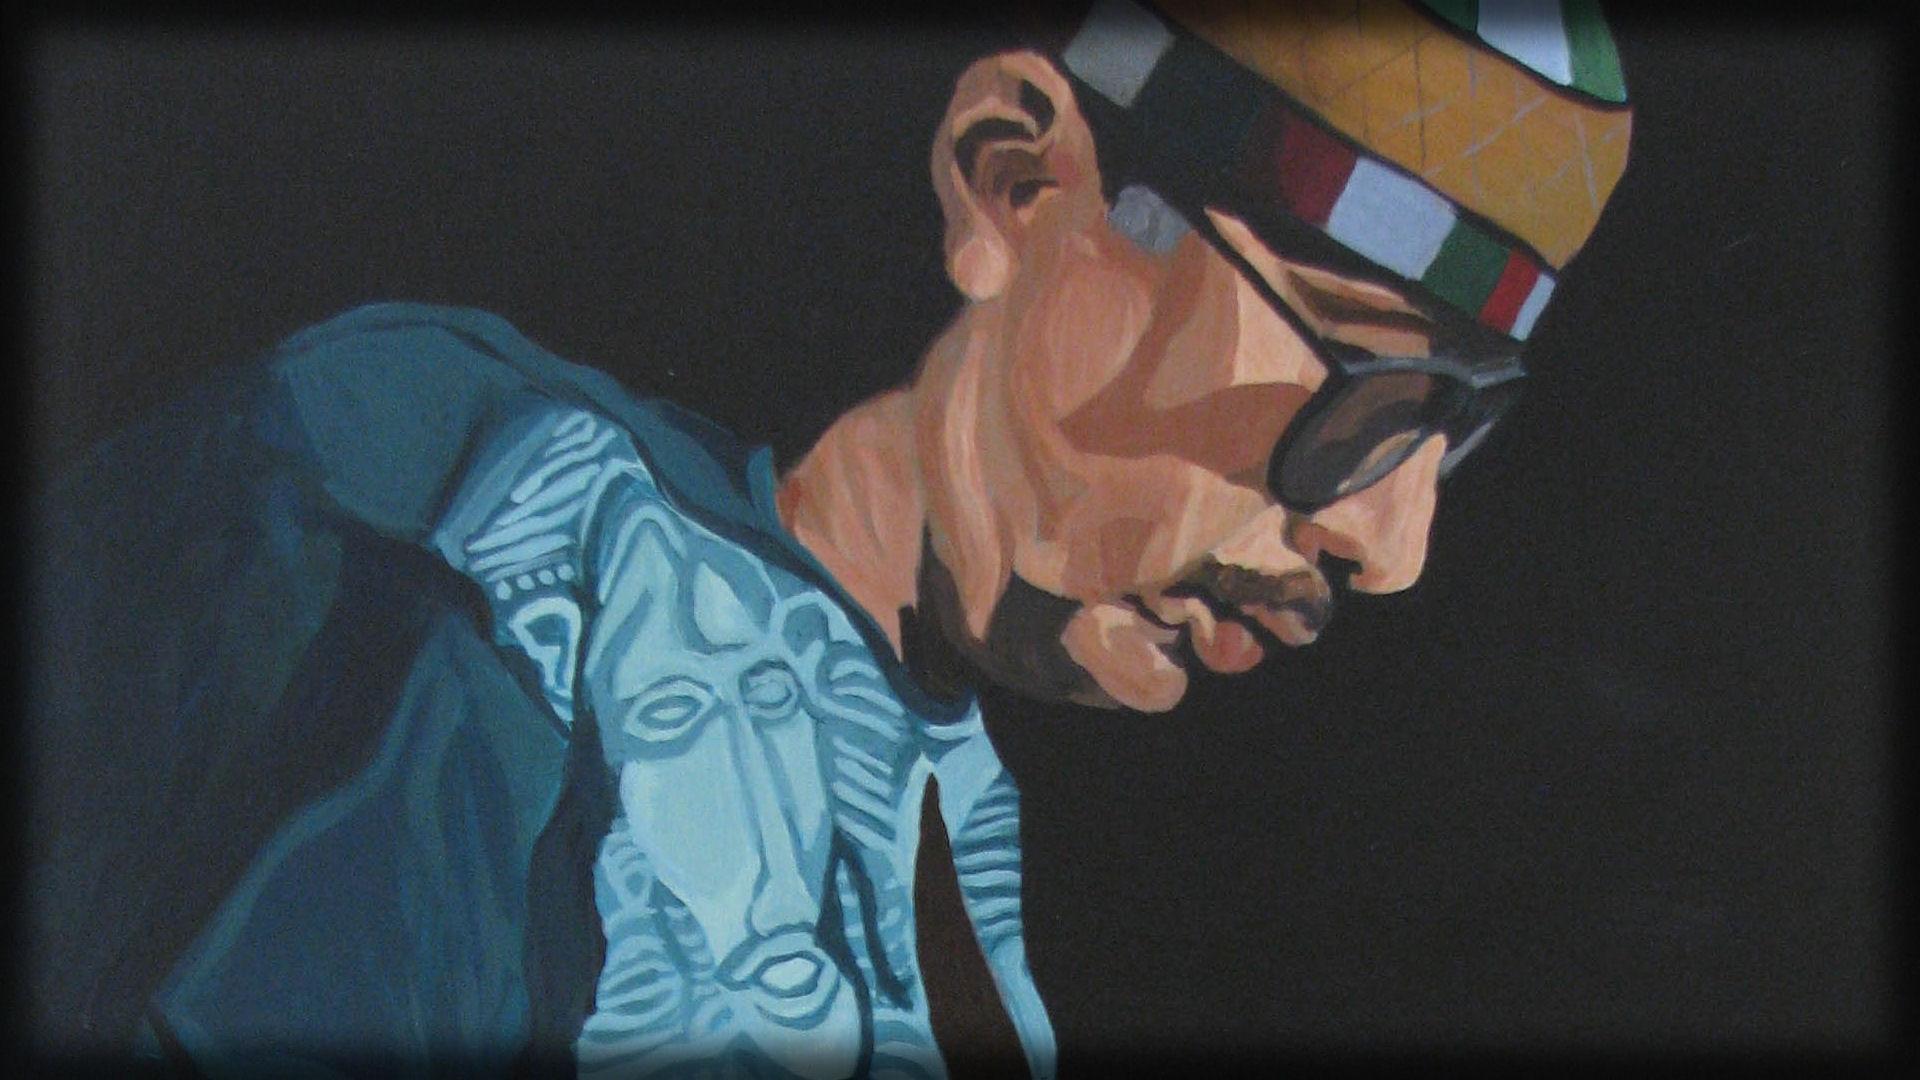 Carlos Santana Wallpaper 1920x1080